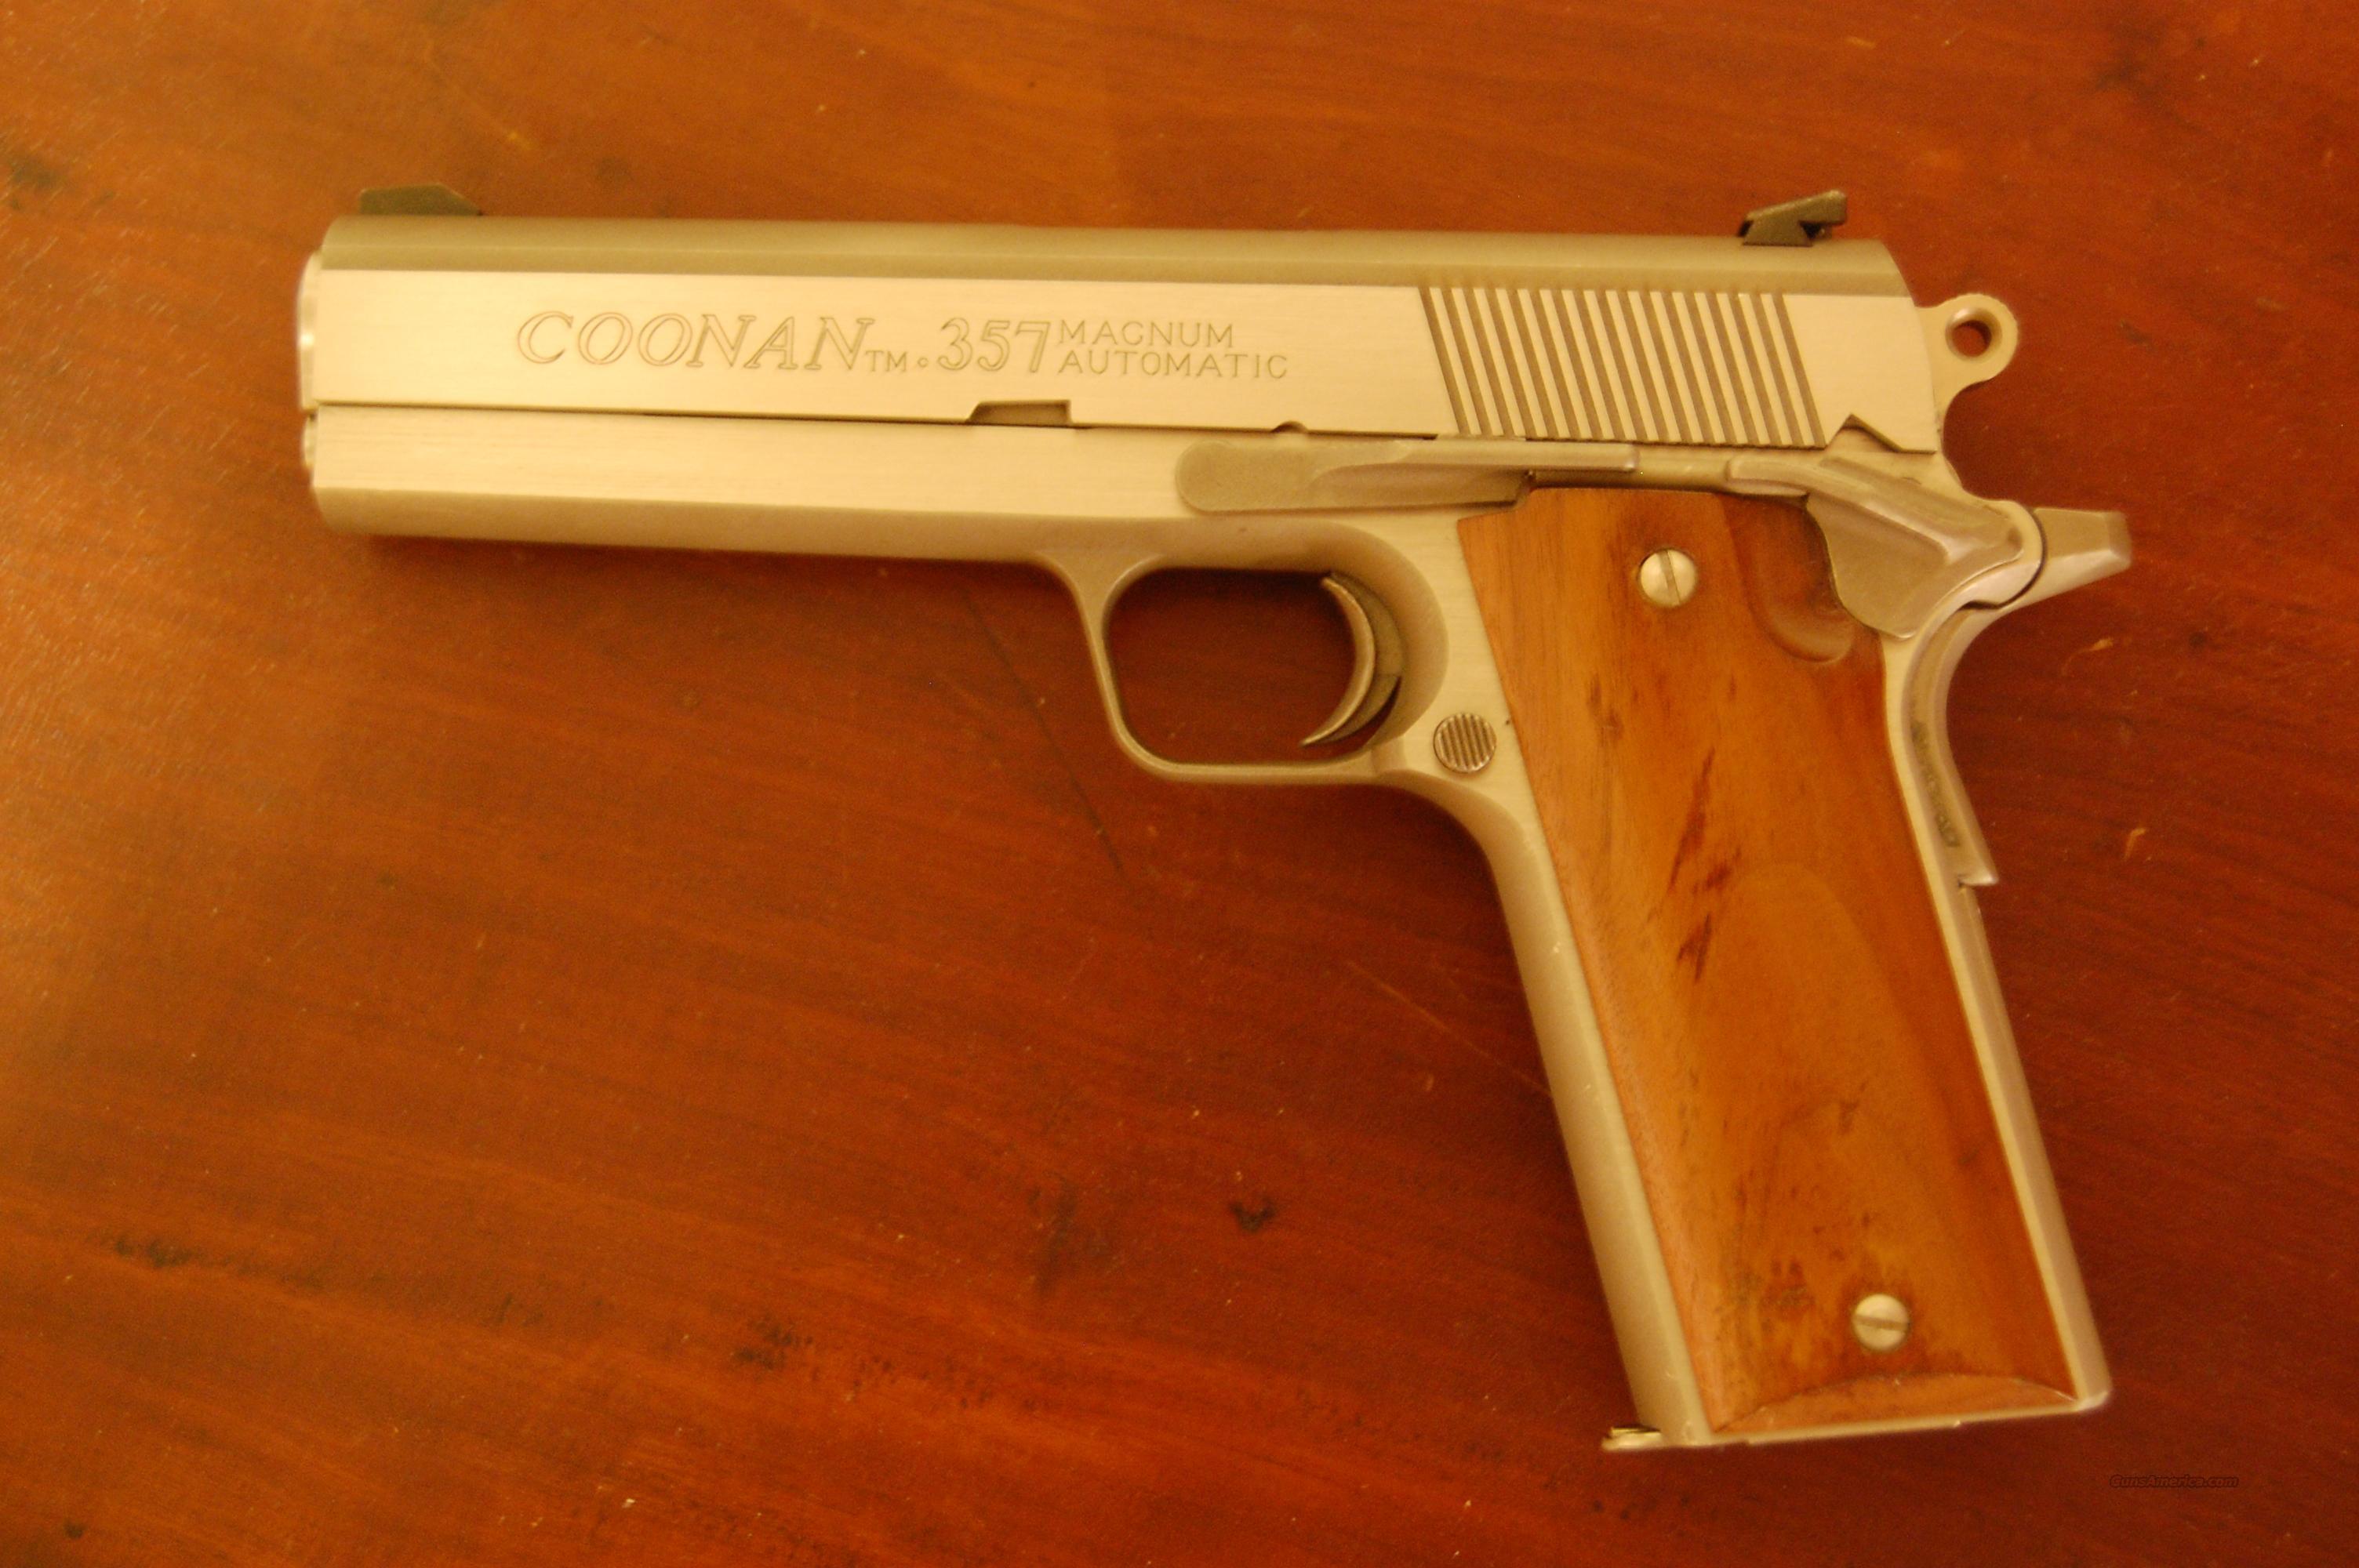 Coonan Model B  357 Magnum Auto